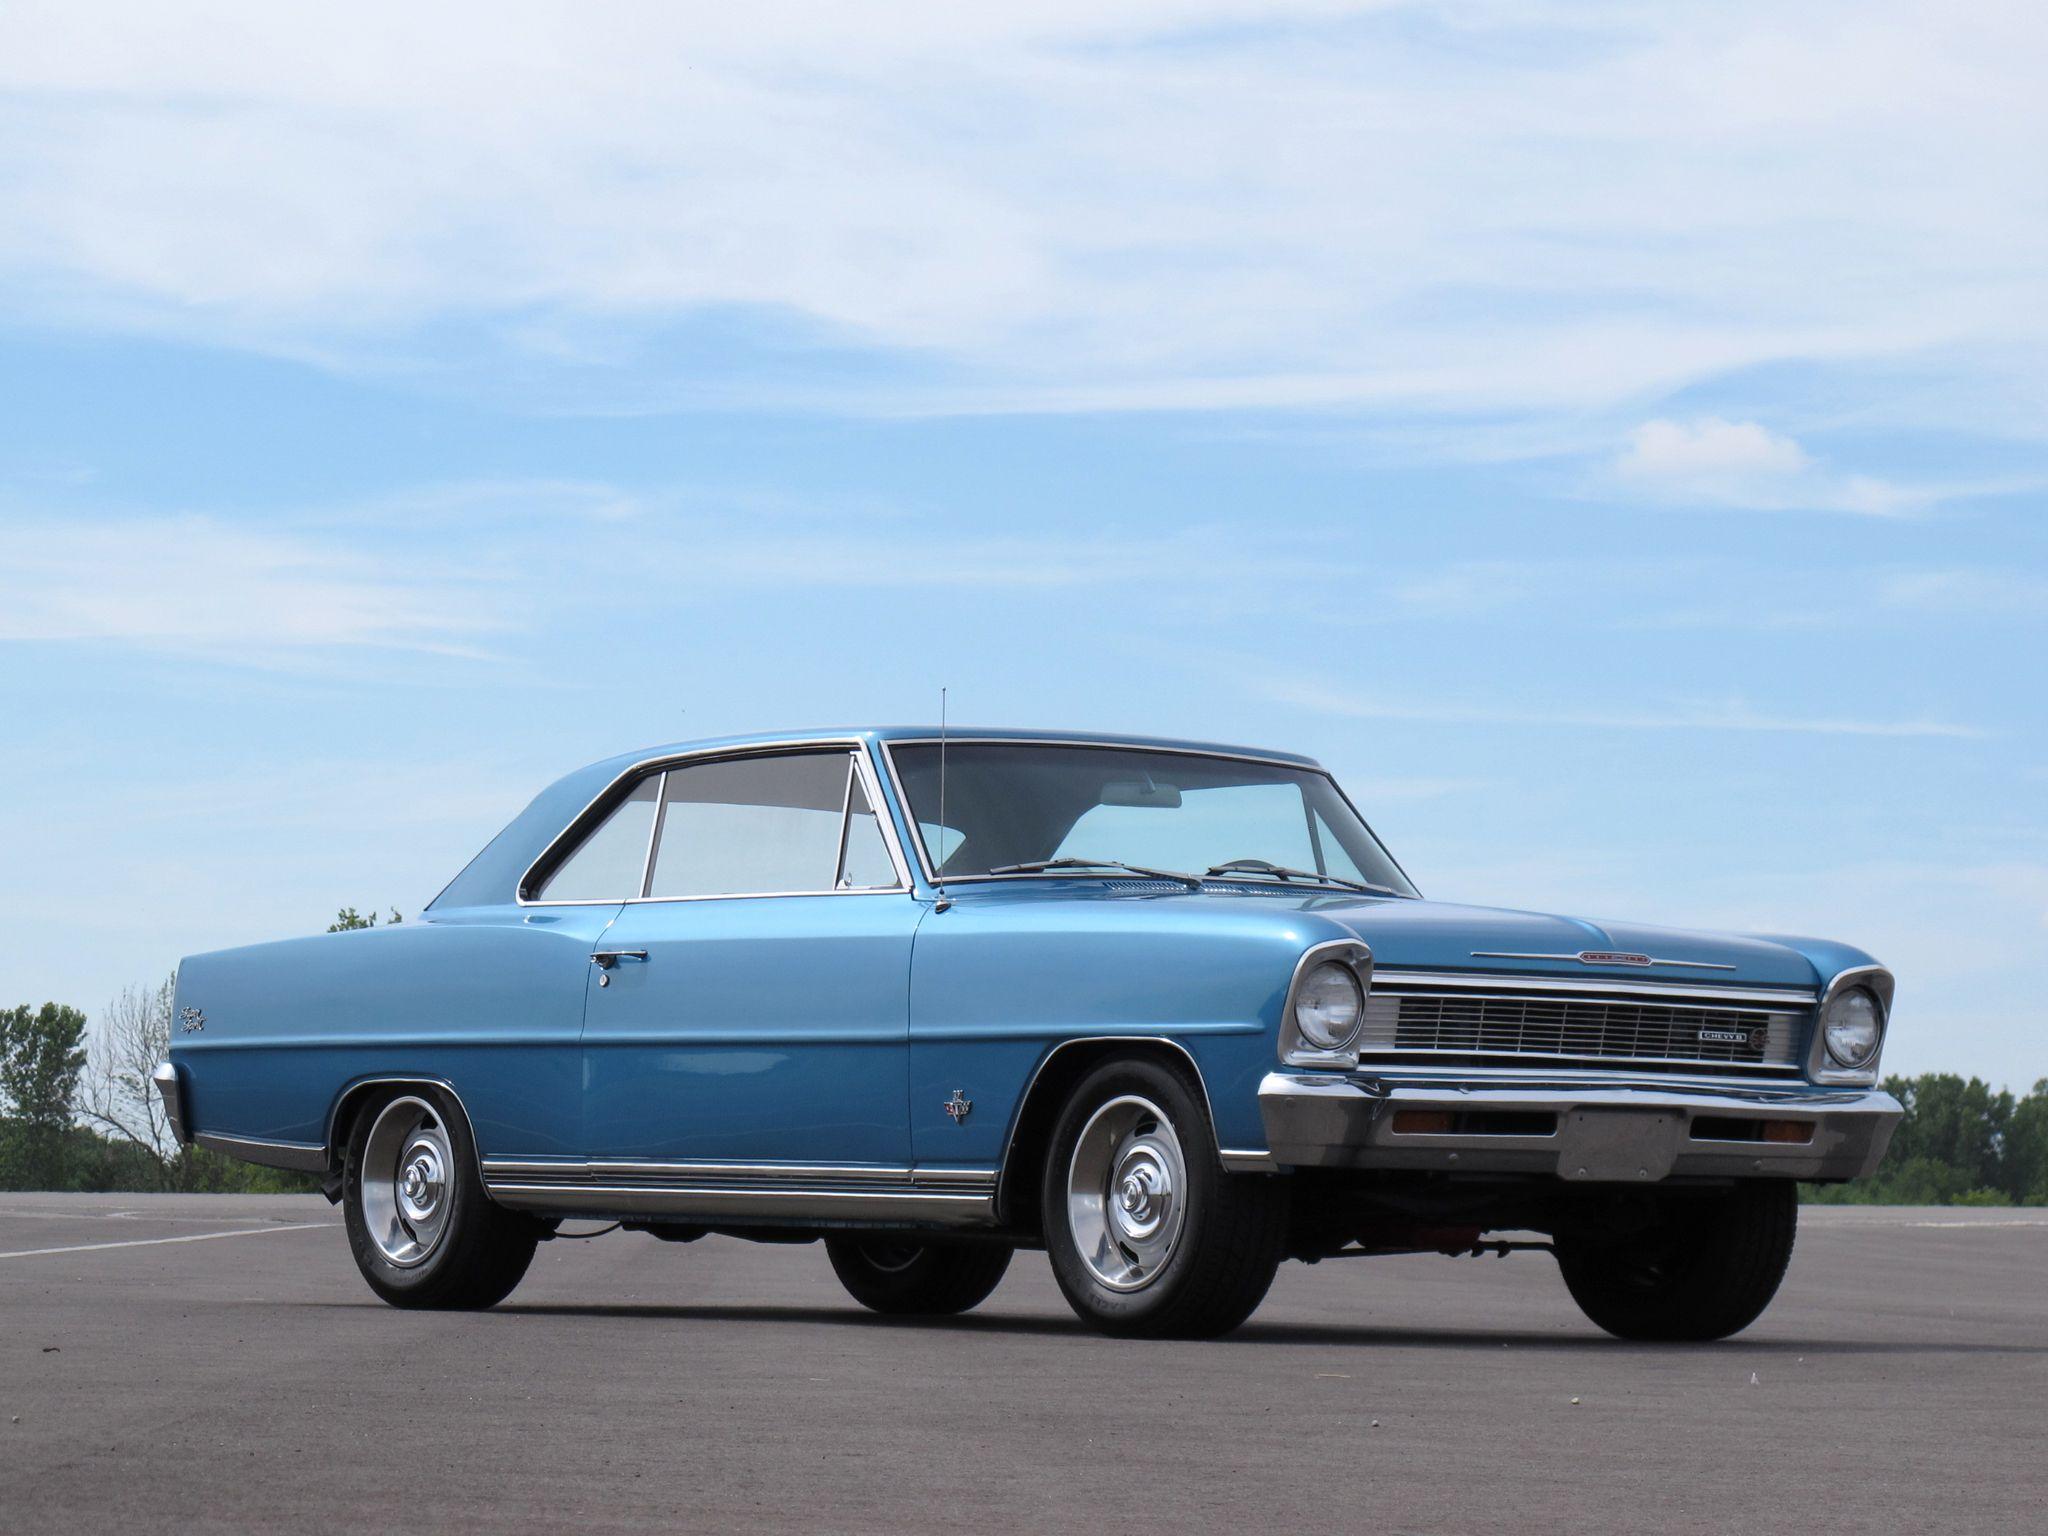 1966 chevrolet chevy ii nova ss hardtop coupe novas pinterest 1966 chevrolet chevy ii nova ss hardtop coupe sciox Choice Image